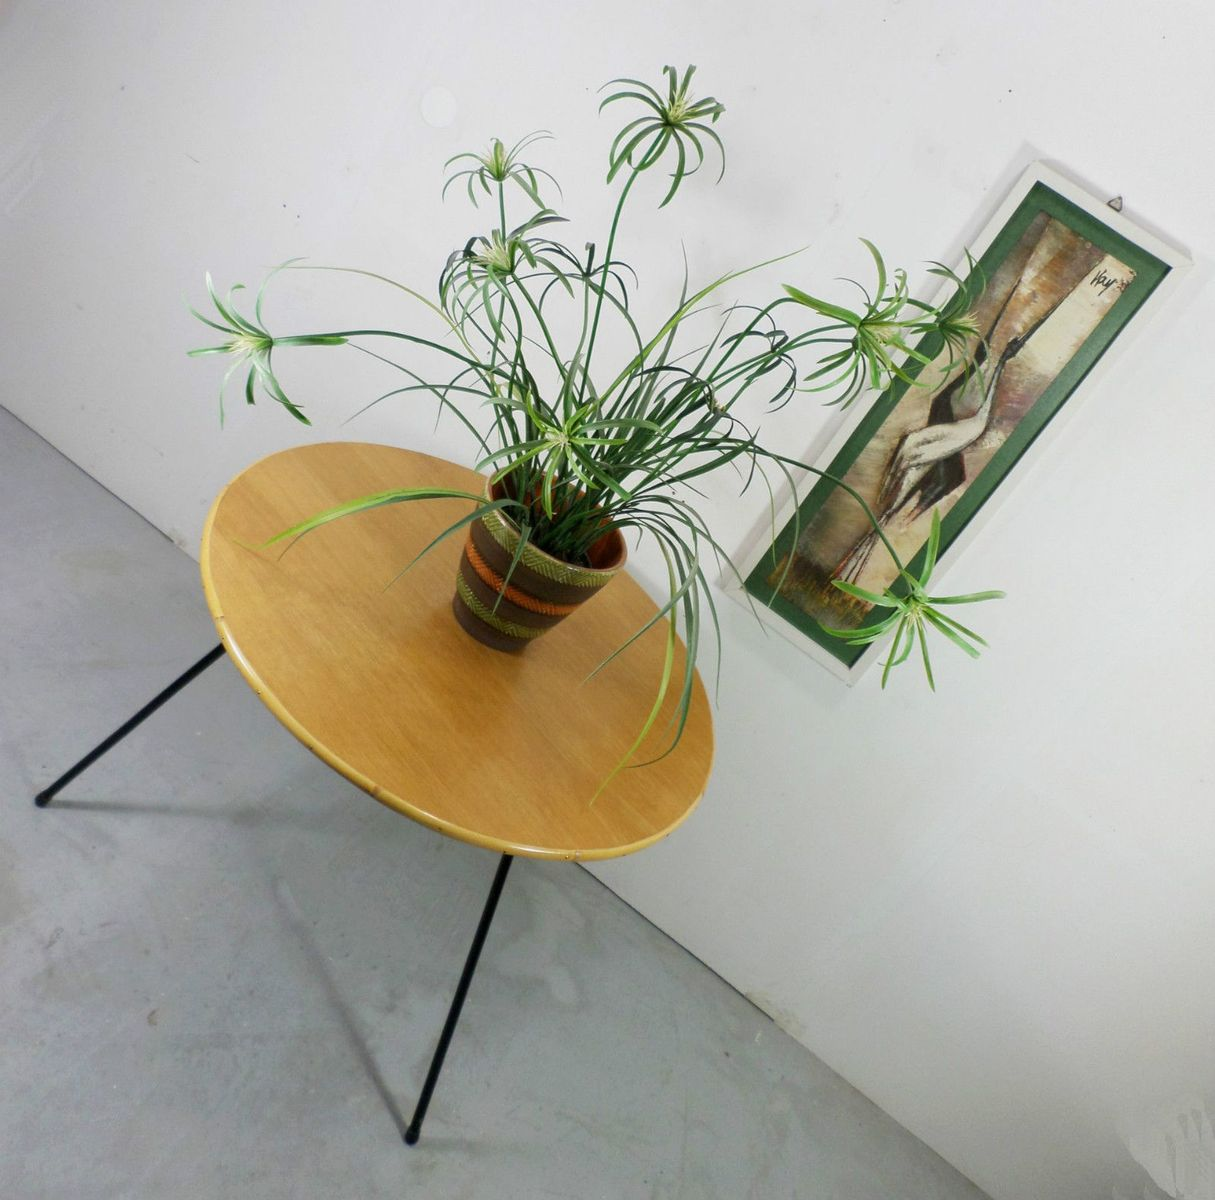 Deutscher couchtisch aus eiche bambus metall 1950er - Bambus couchtisch ...